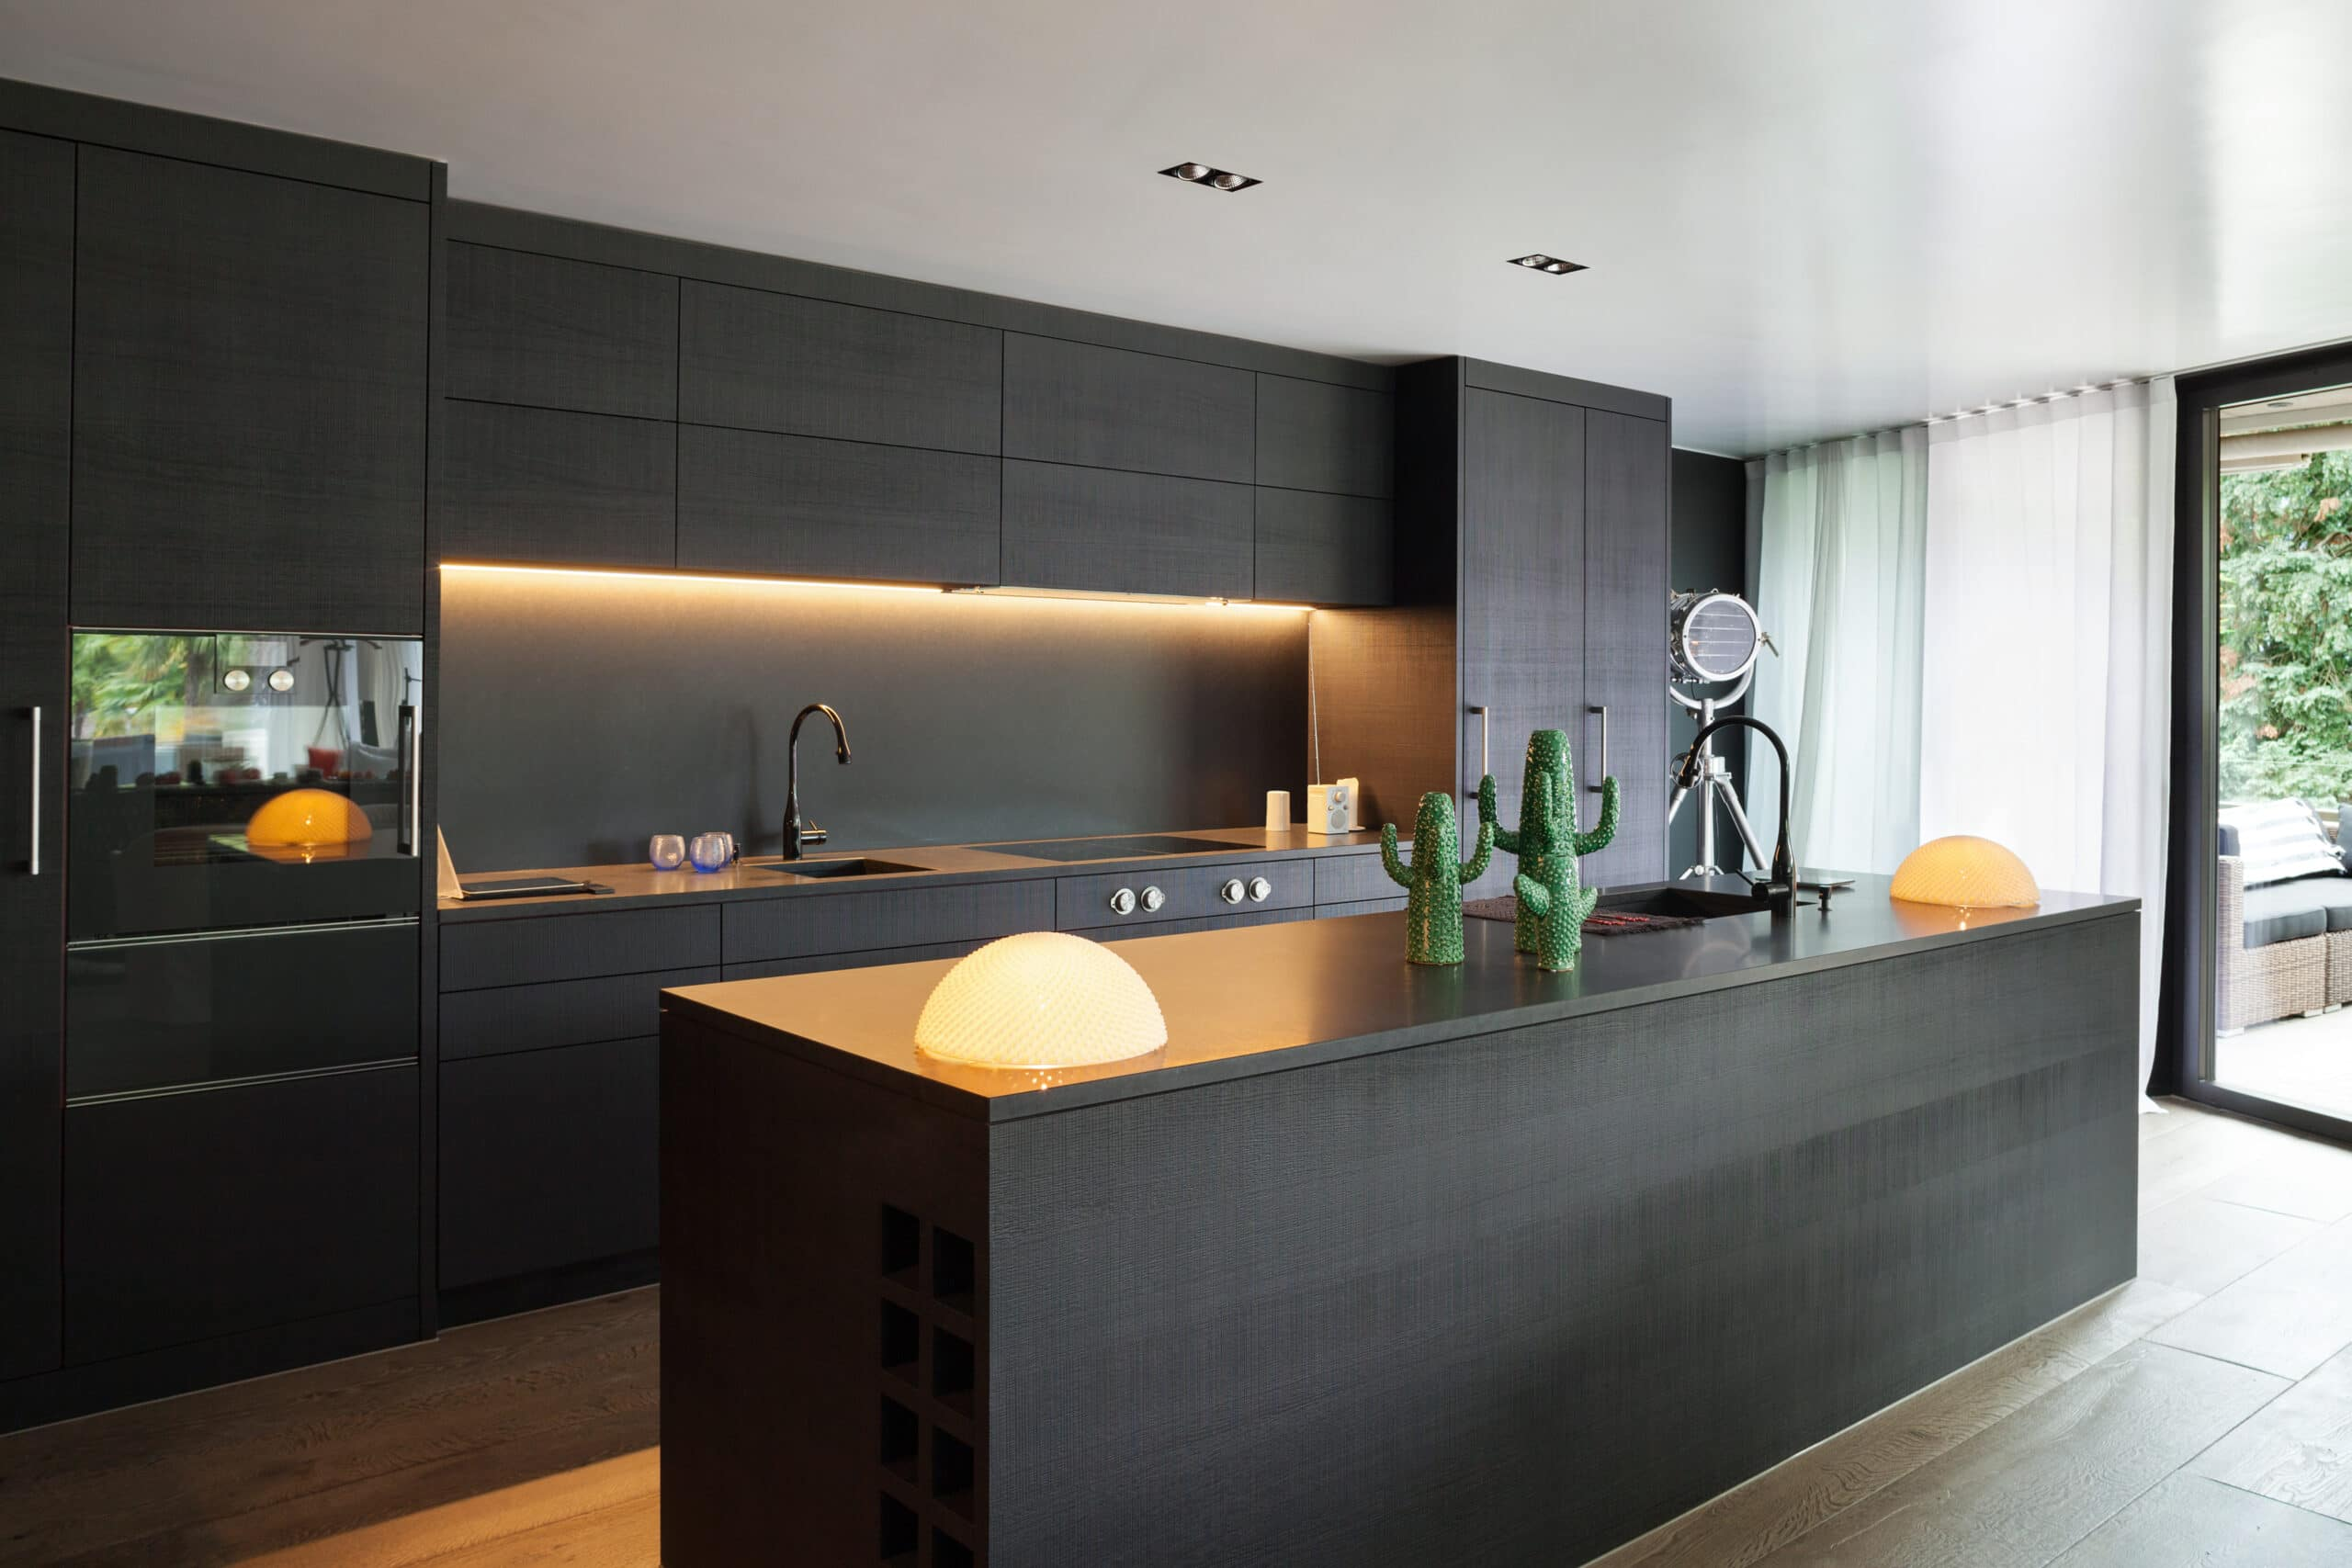 מטבח מודרני שחור עם תאורה חכמה דגם 14 DS